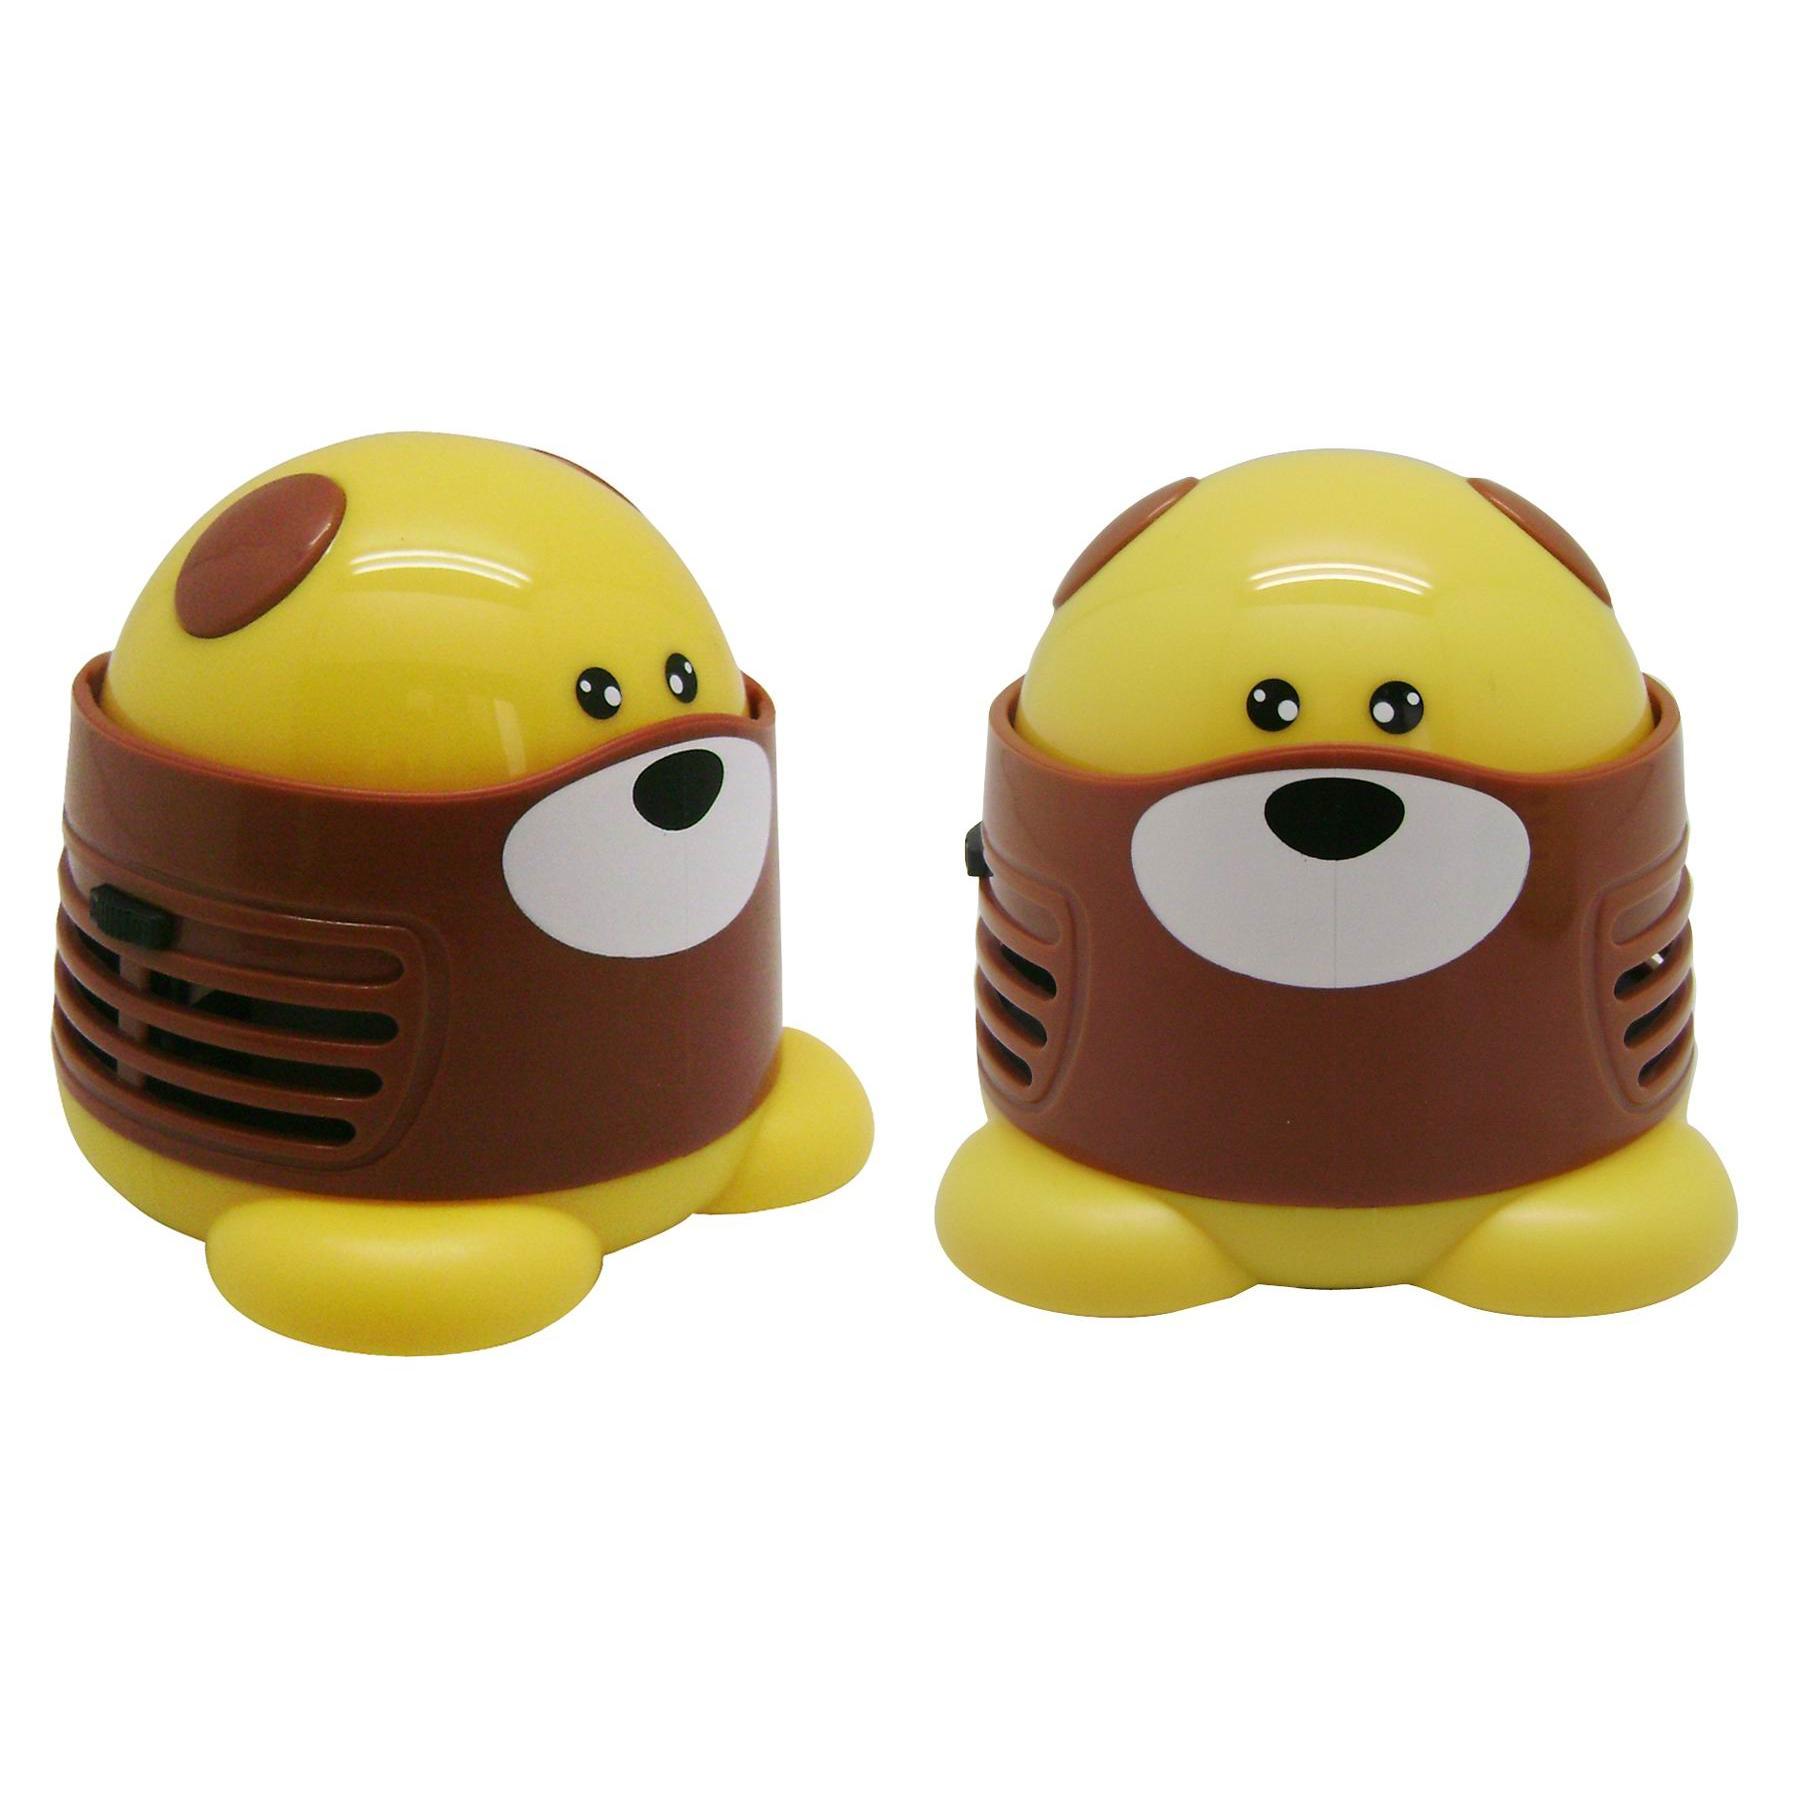 可爱狗狗吸尘器卡通吸尘器